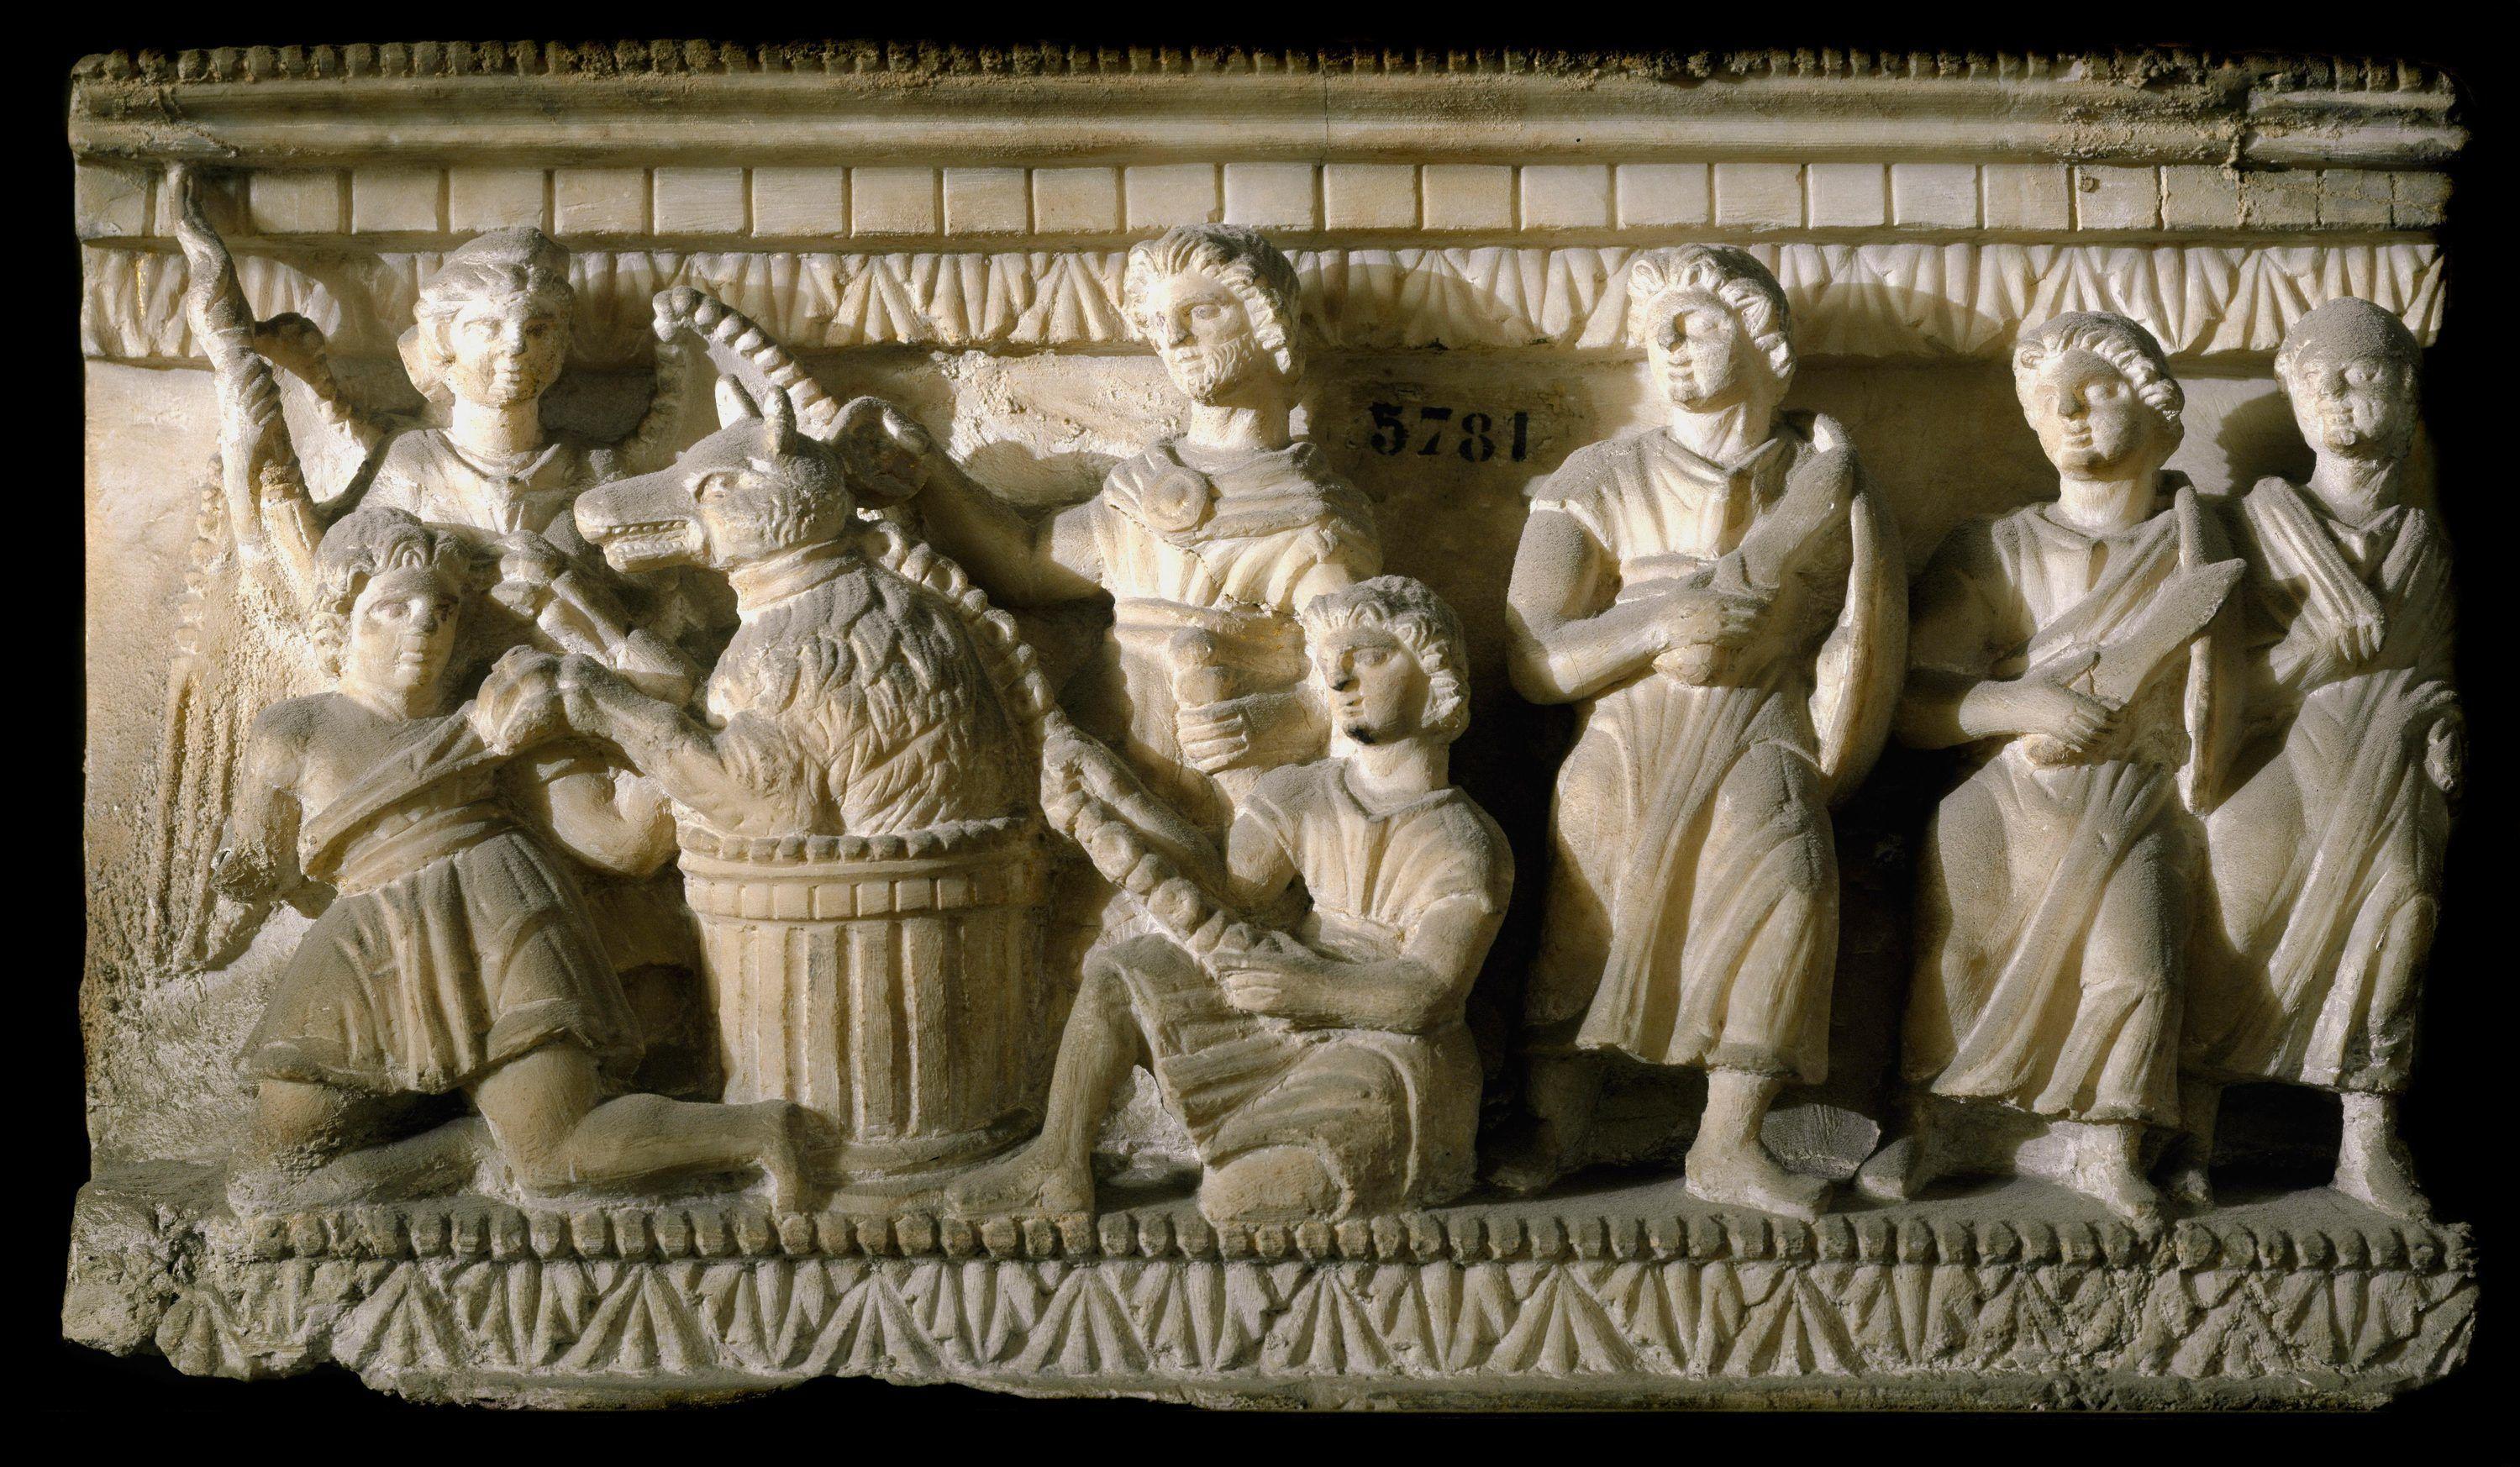 L'art funéraire : le bas-relief d'un sarcophage